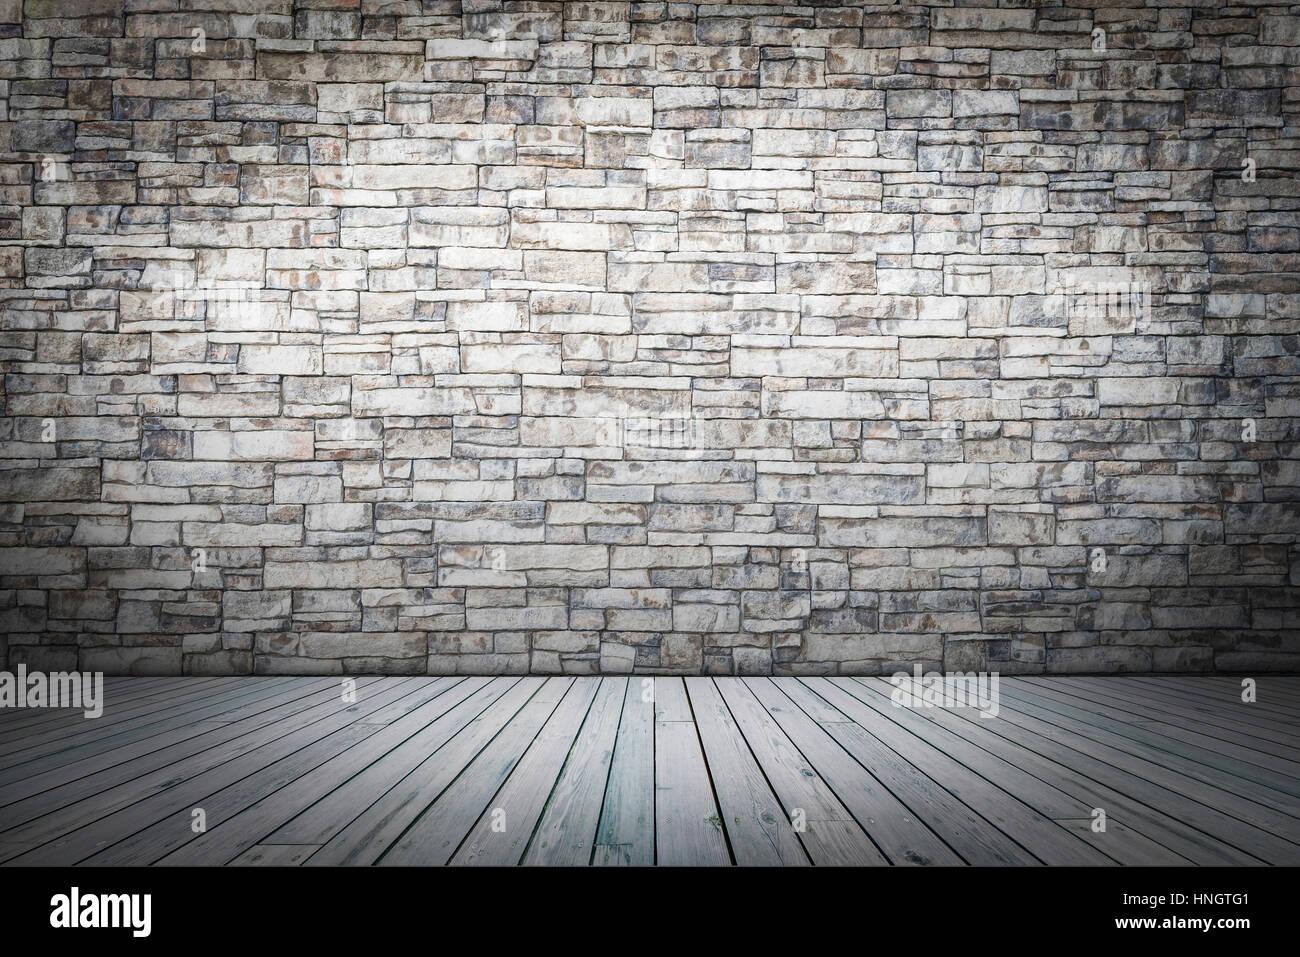 Pareti In Legno Bianco : Legno bianco e pavimento in mattoni bianchi texture a parete per